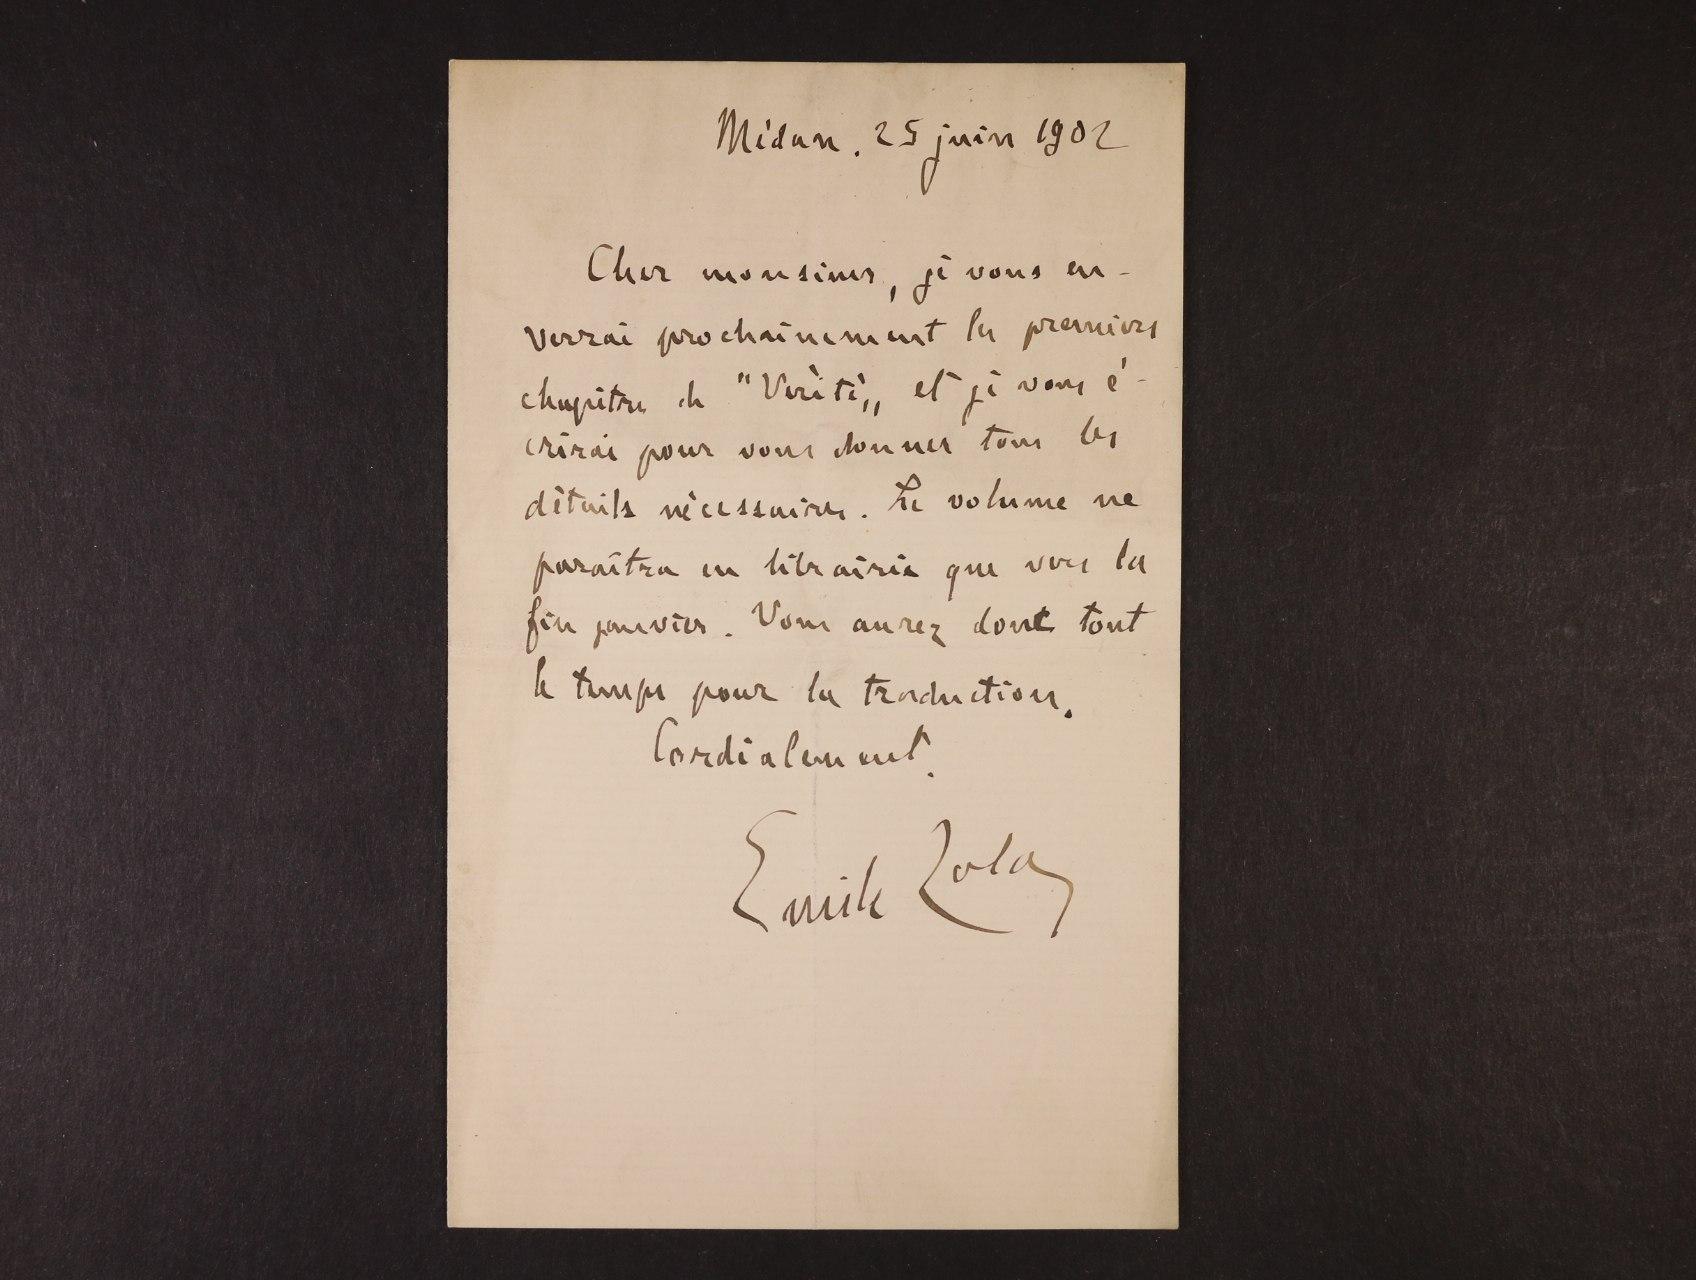 Zola Emil 1840 - 1902, význačný spisovatel, představitel naturalismu - vlastnoručně psaný dopis s podpisem